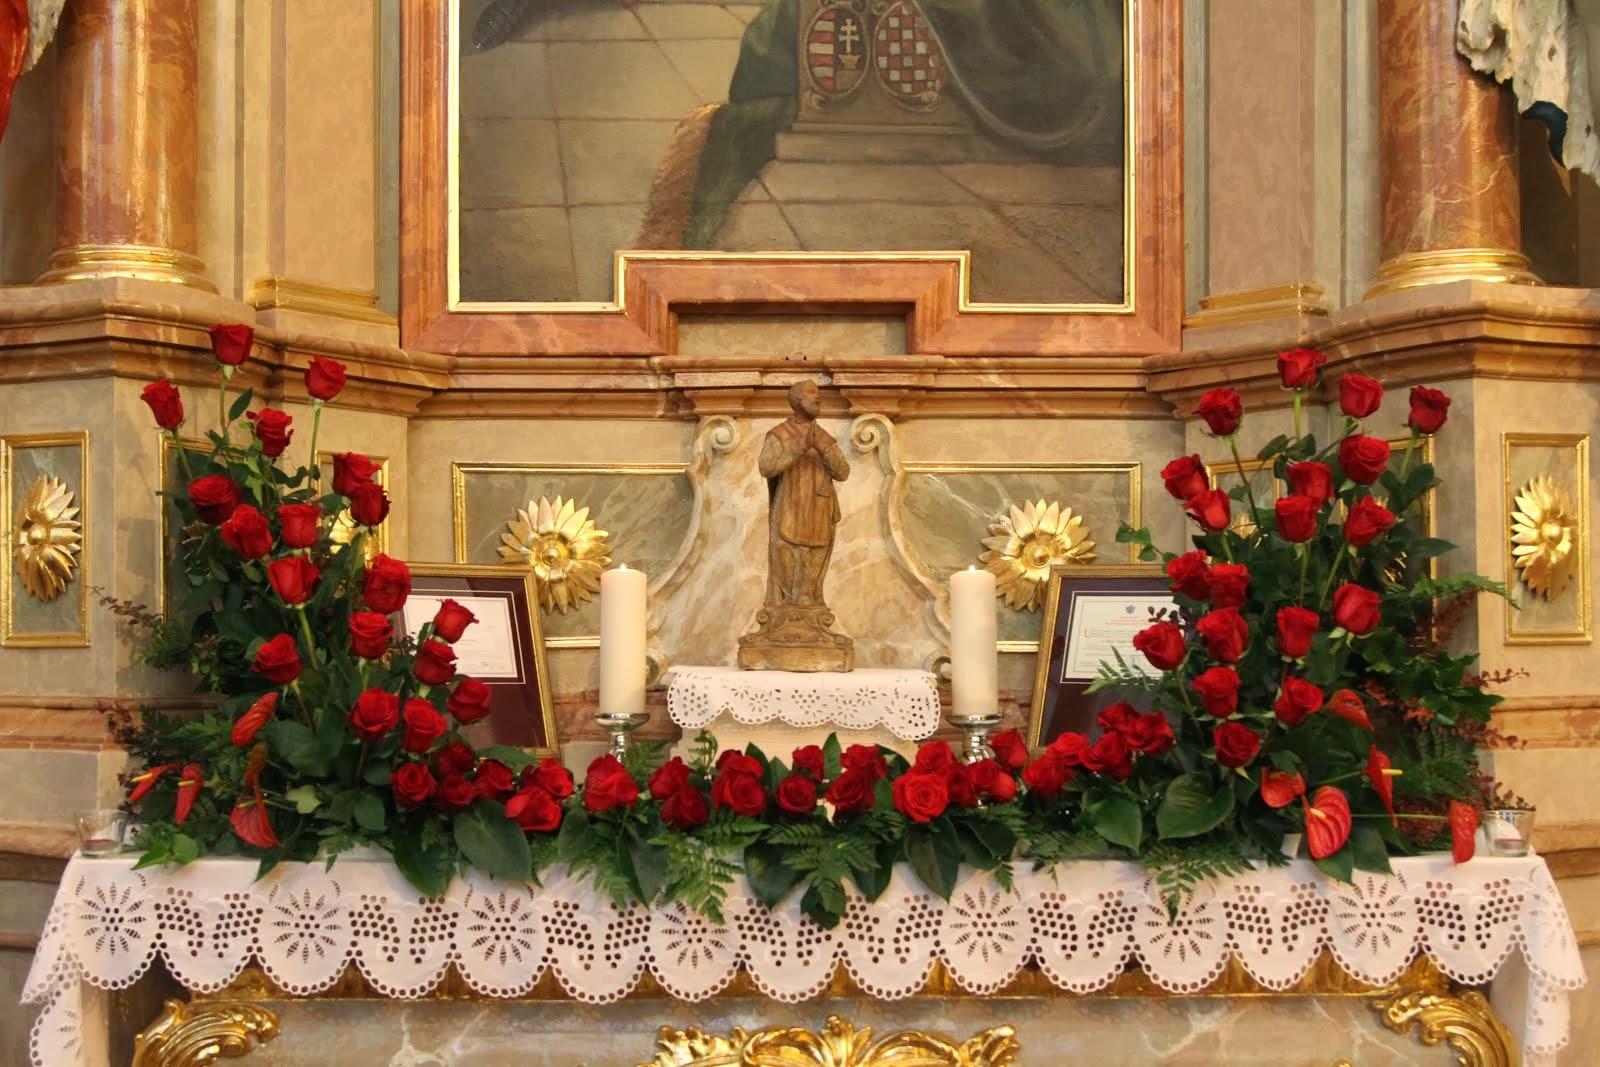 Svätý Filip Neri, bl. J. H. Newman